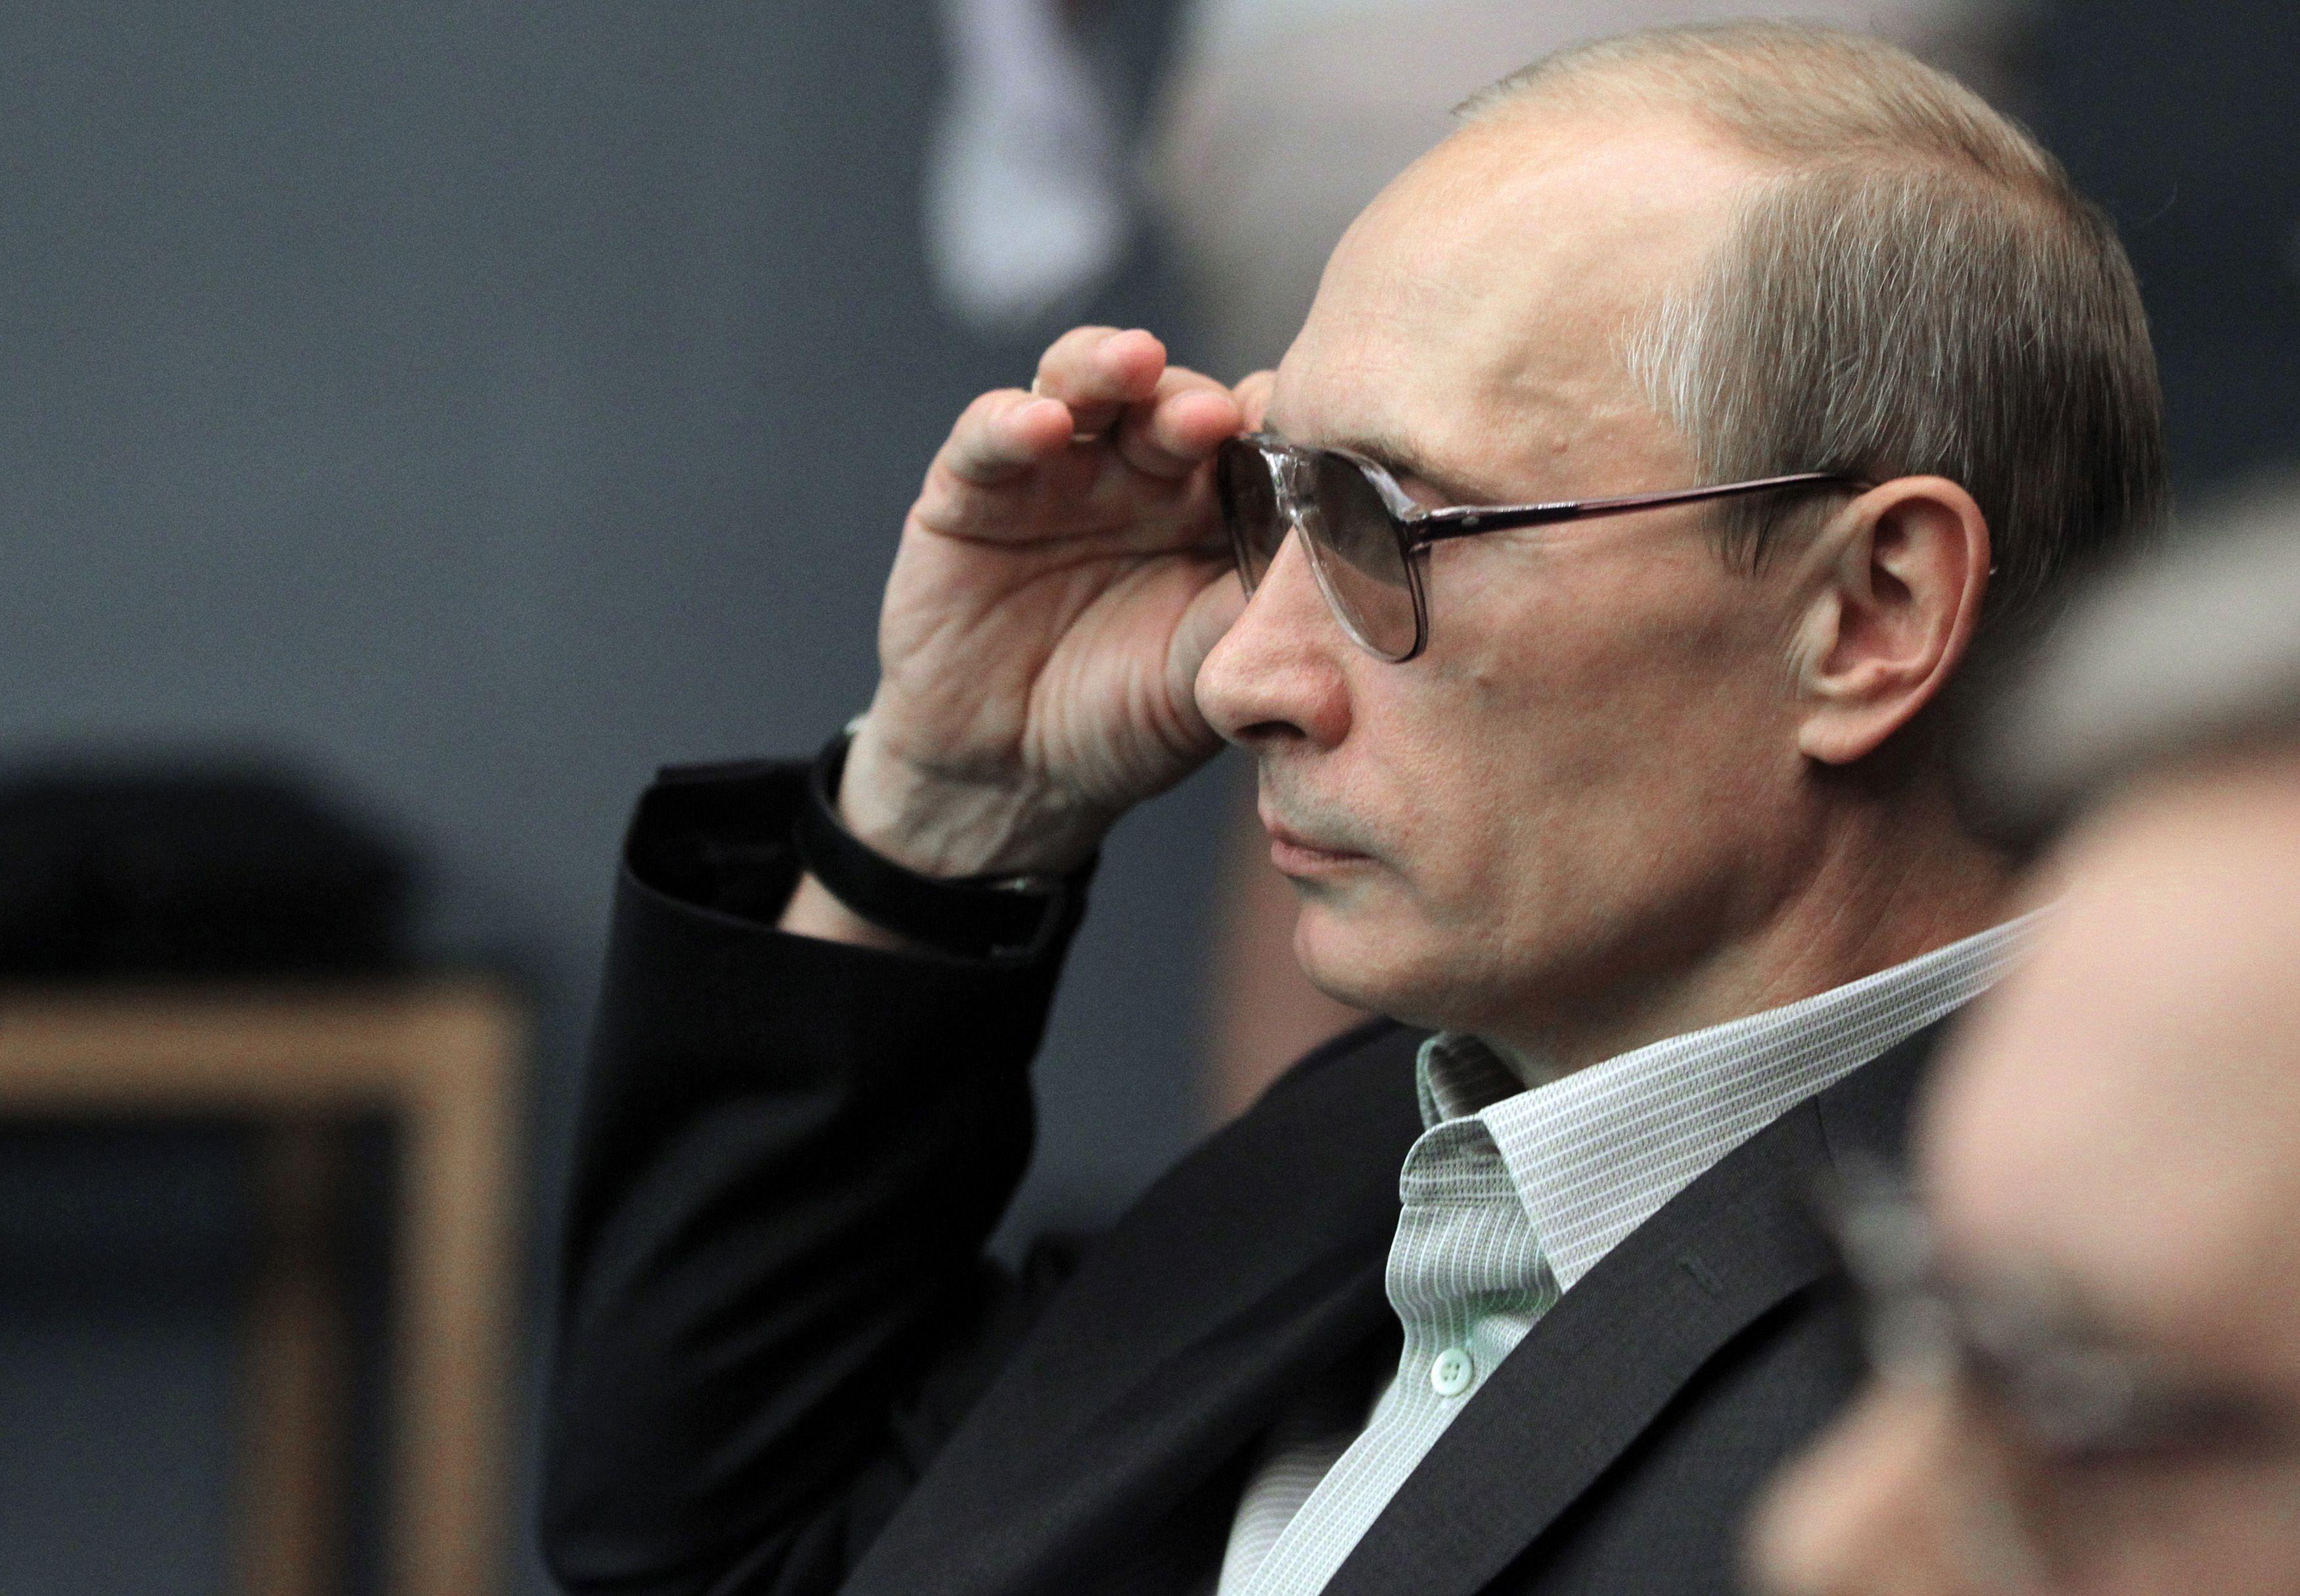 40 milliards de dollars de fortune pour Vladimir Poutine selon le New York Times... et pourtant ce n'est pas en le frappant au portefeuille qu'on le ferait plier